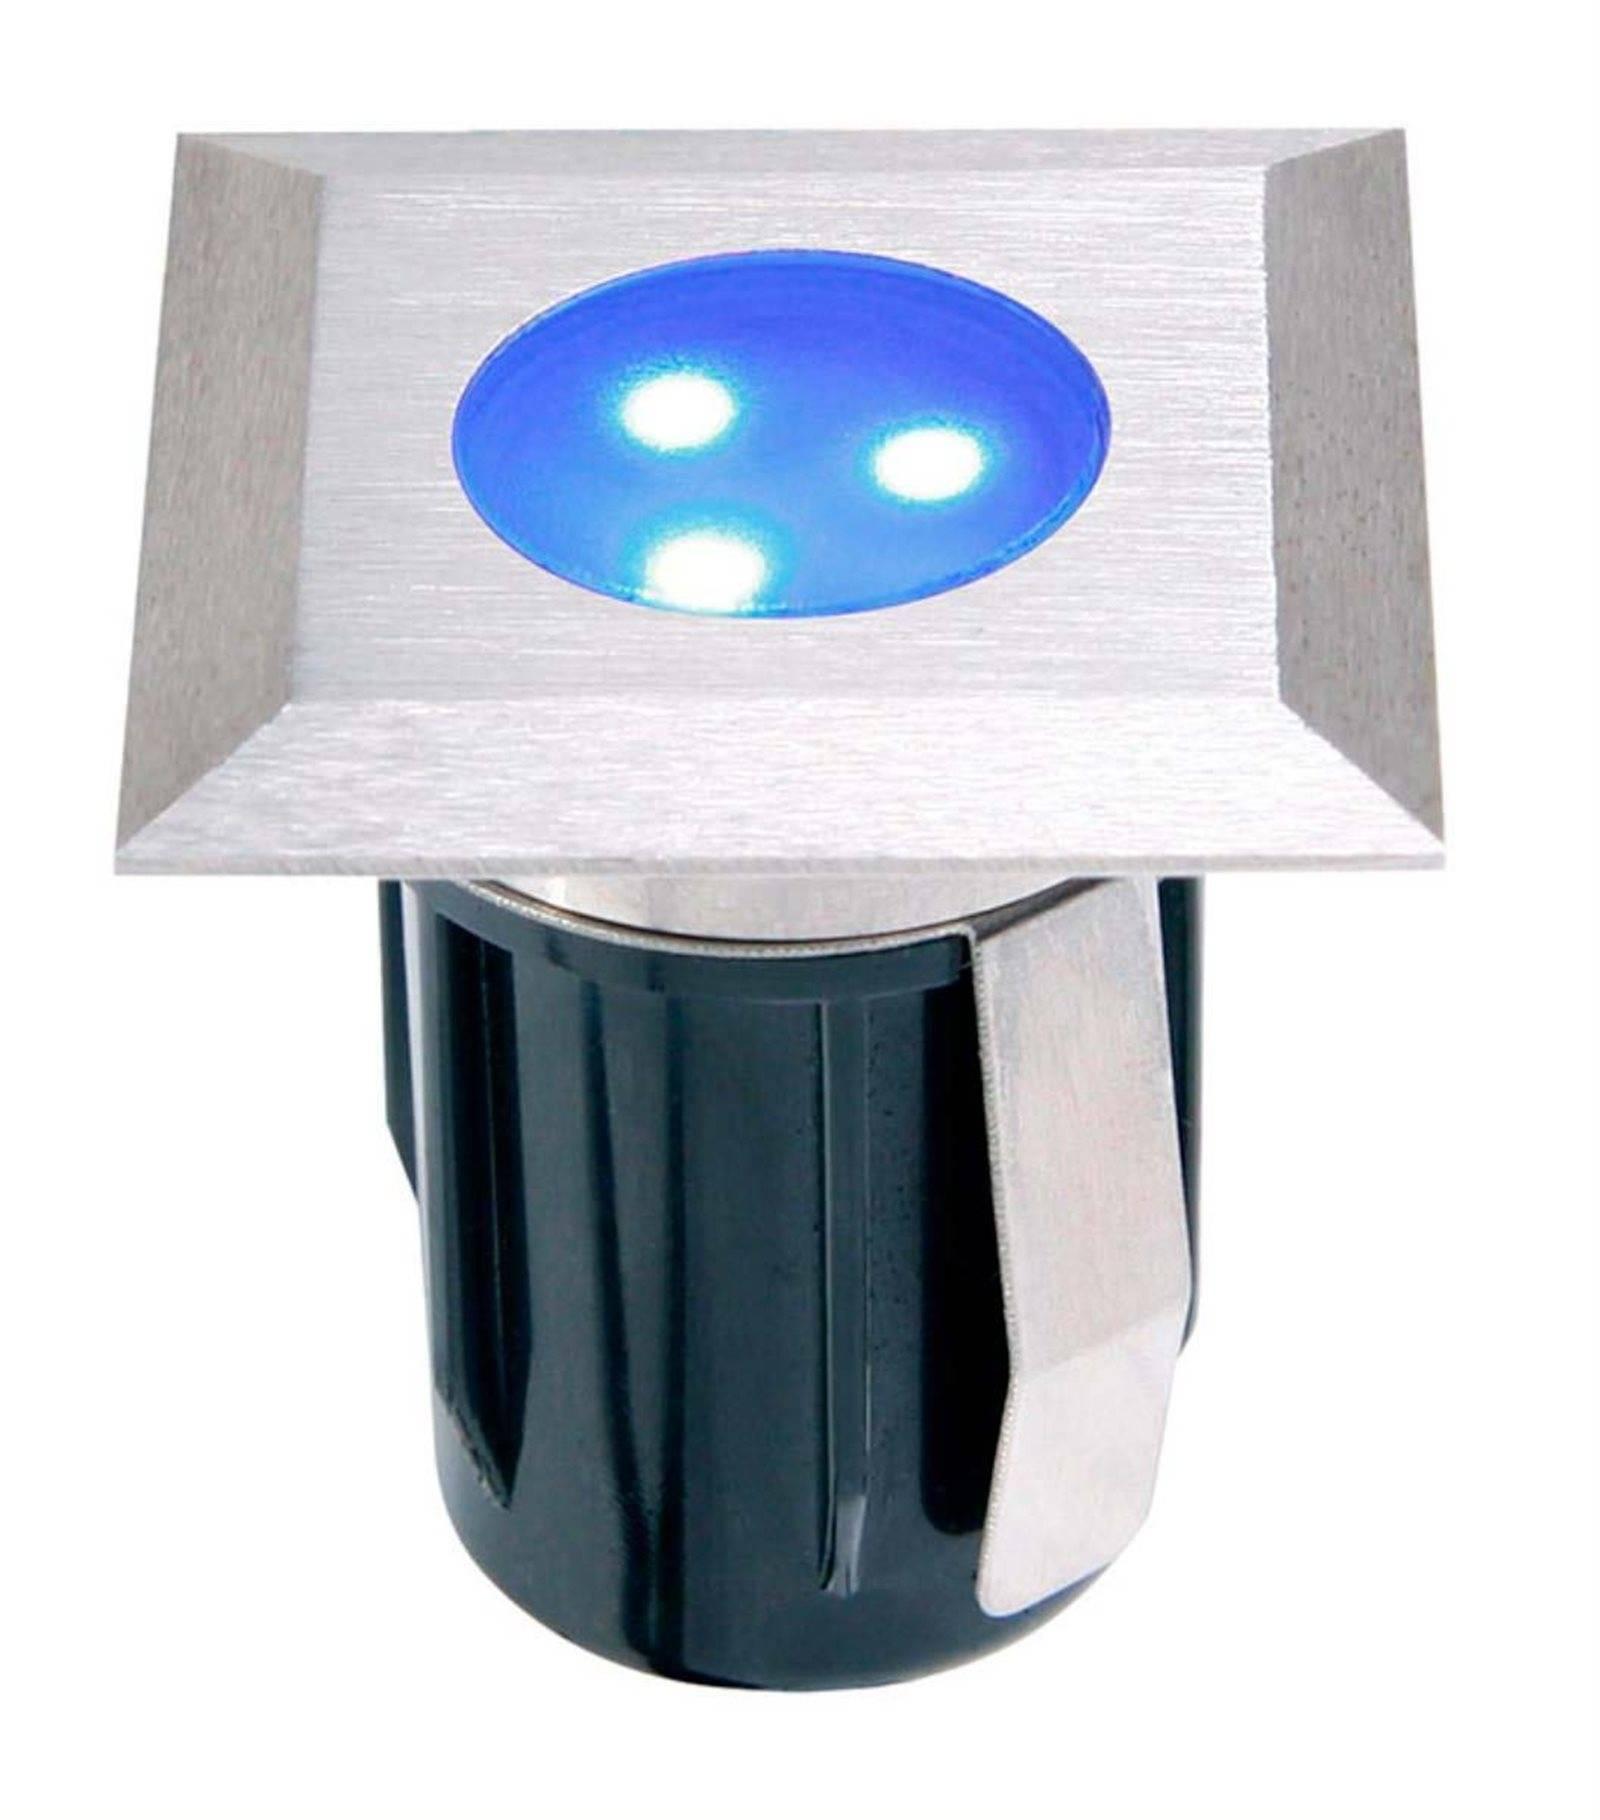 Éxterieur Led 5w Spot Lights Froid Atria Ip68 Encastrable Ampoule Garden Platine Blanc 0 Très Fournie Bleu vO8wnyNm0P